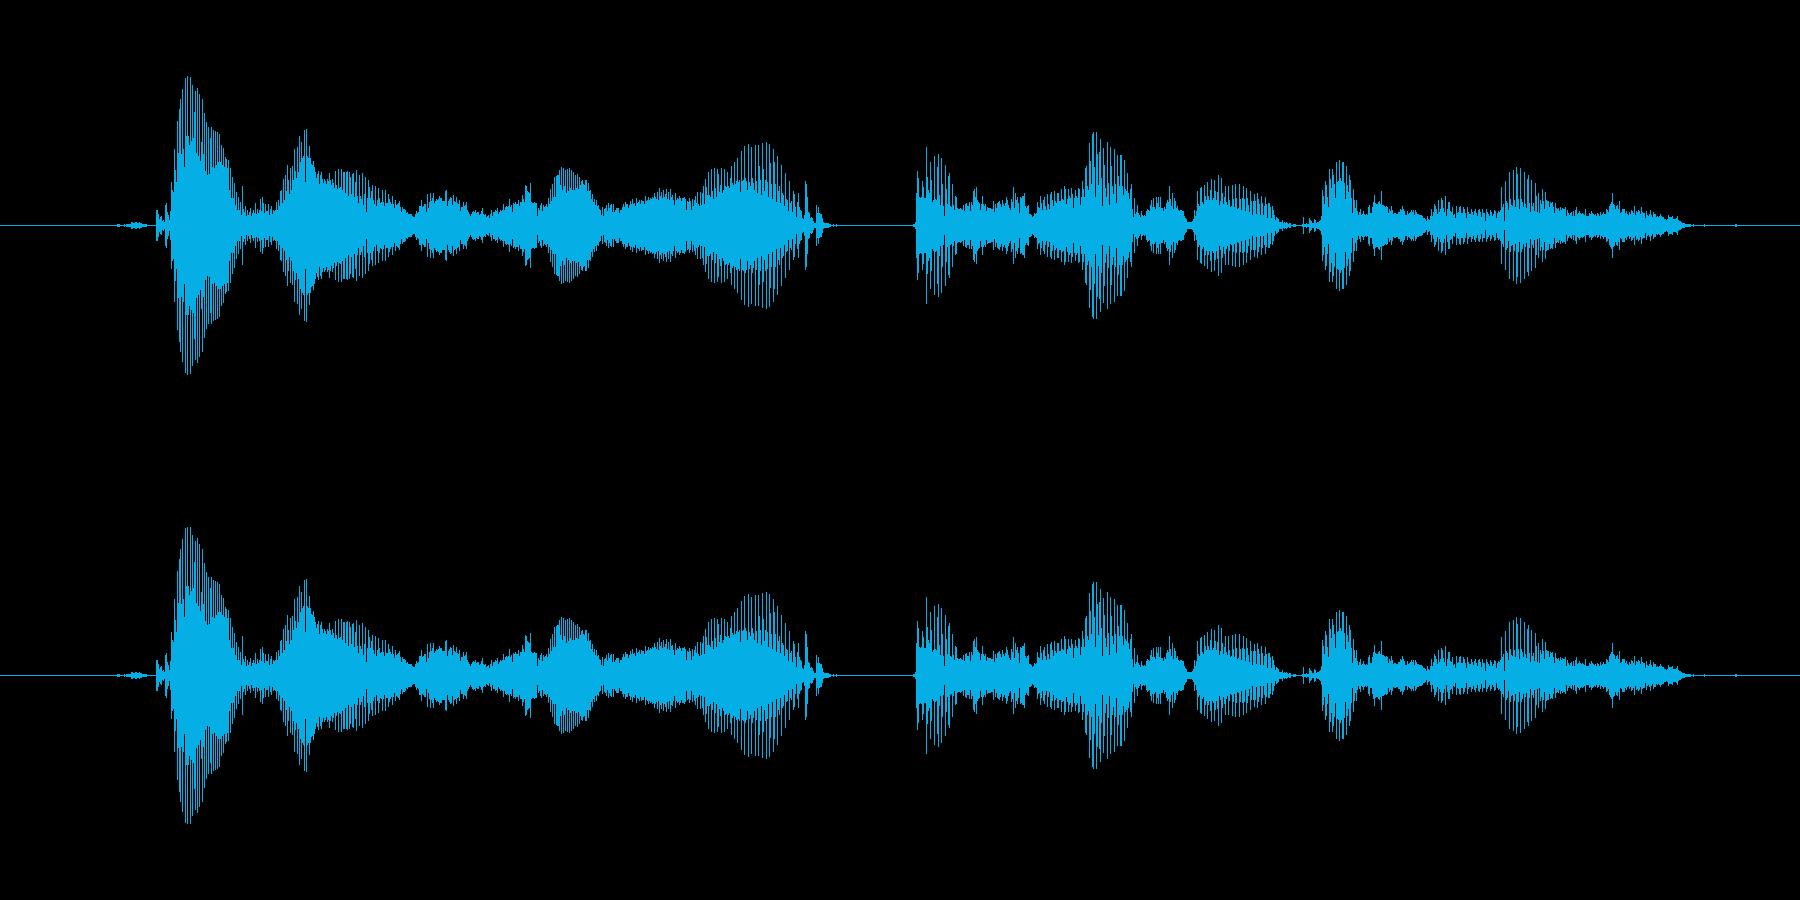 【時報・時間】午前7時を、お知らせいた…の再生済みの波形